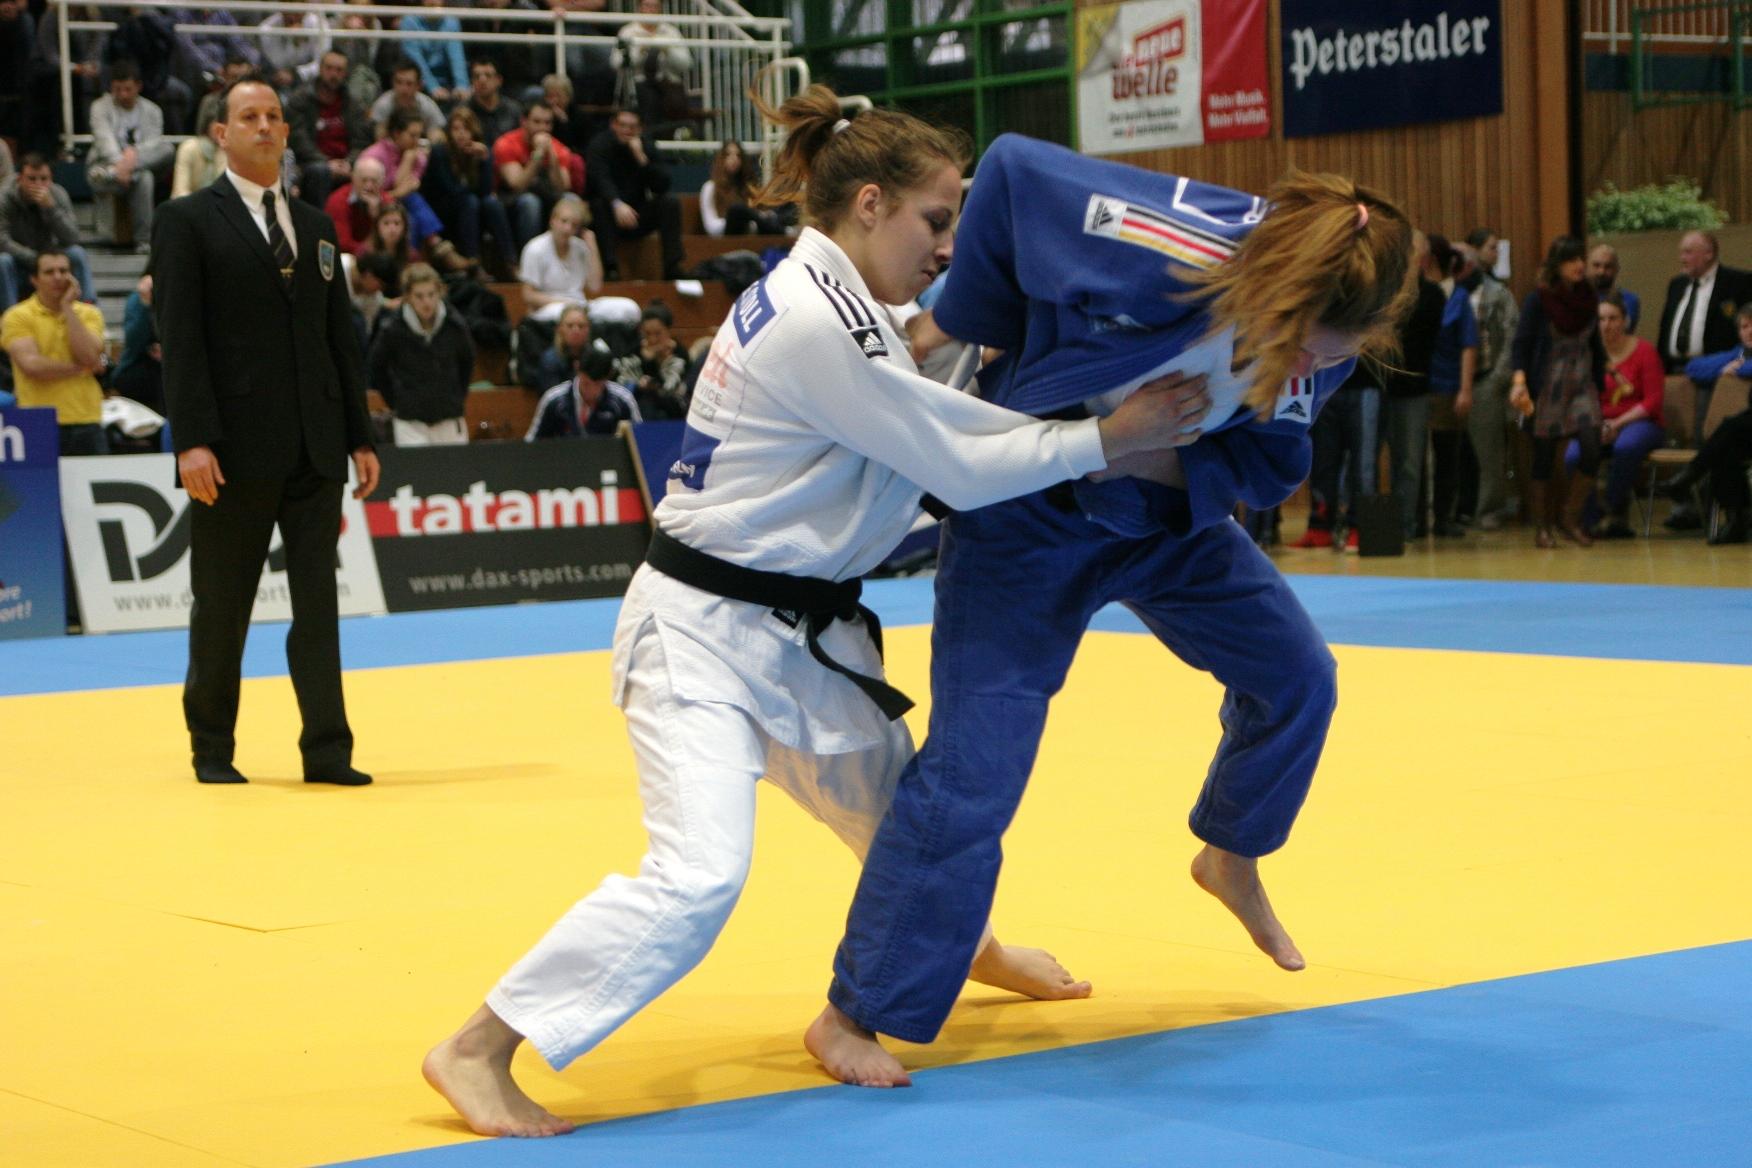 Deutsche Meisterschaften in Bonn mit Selina Dietzer